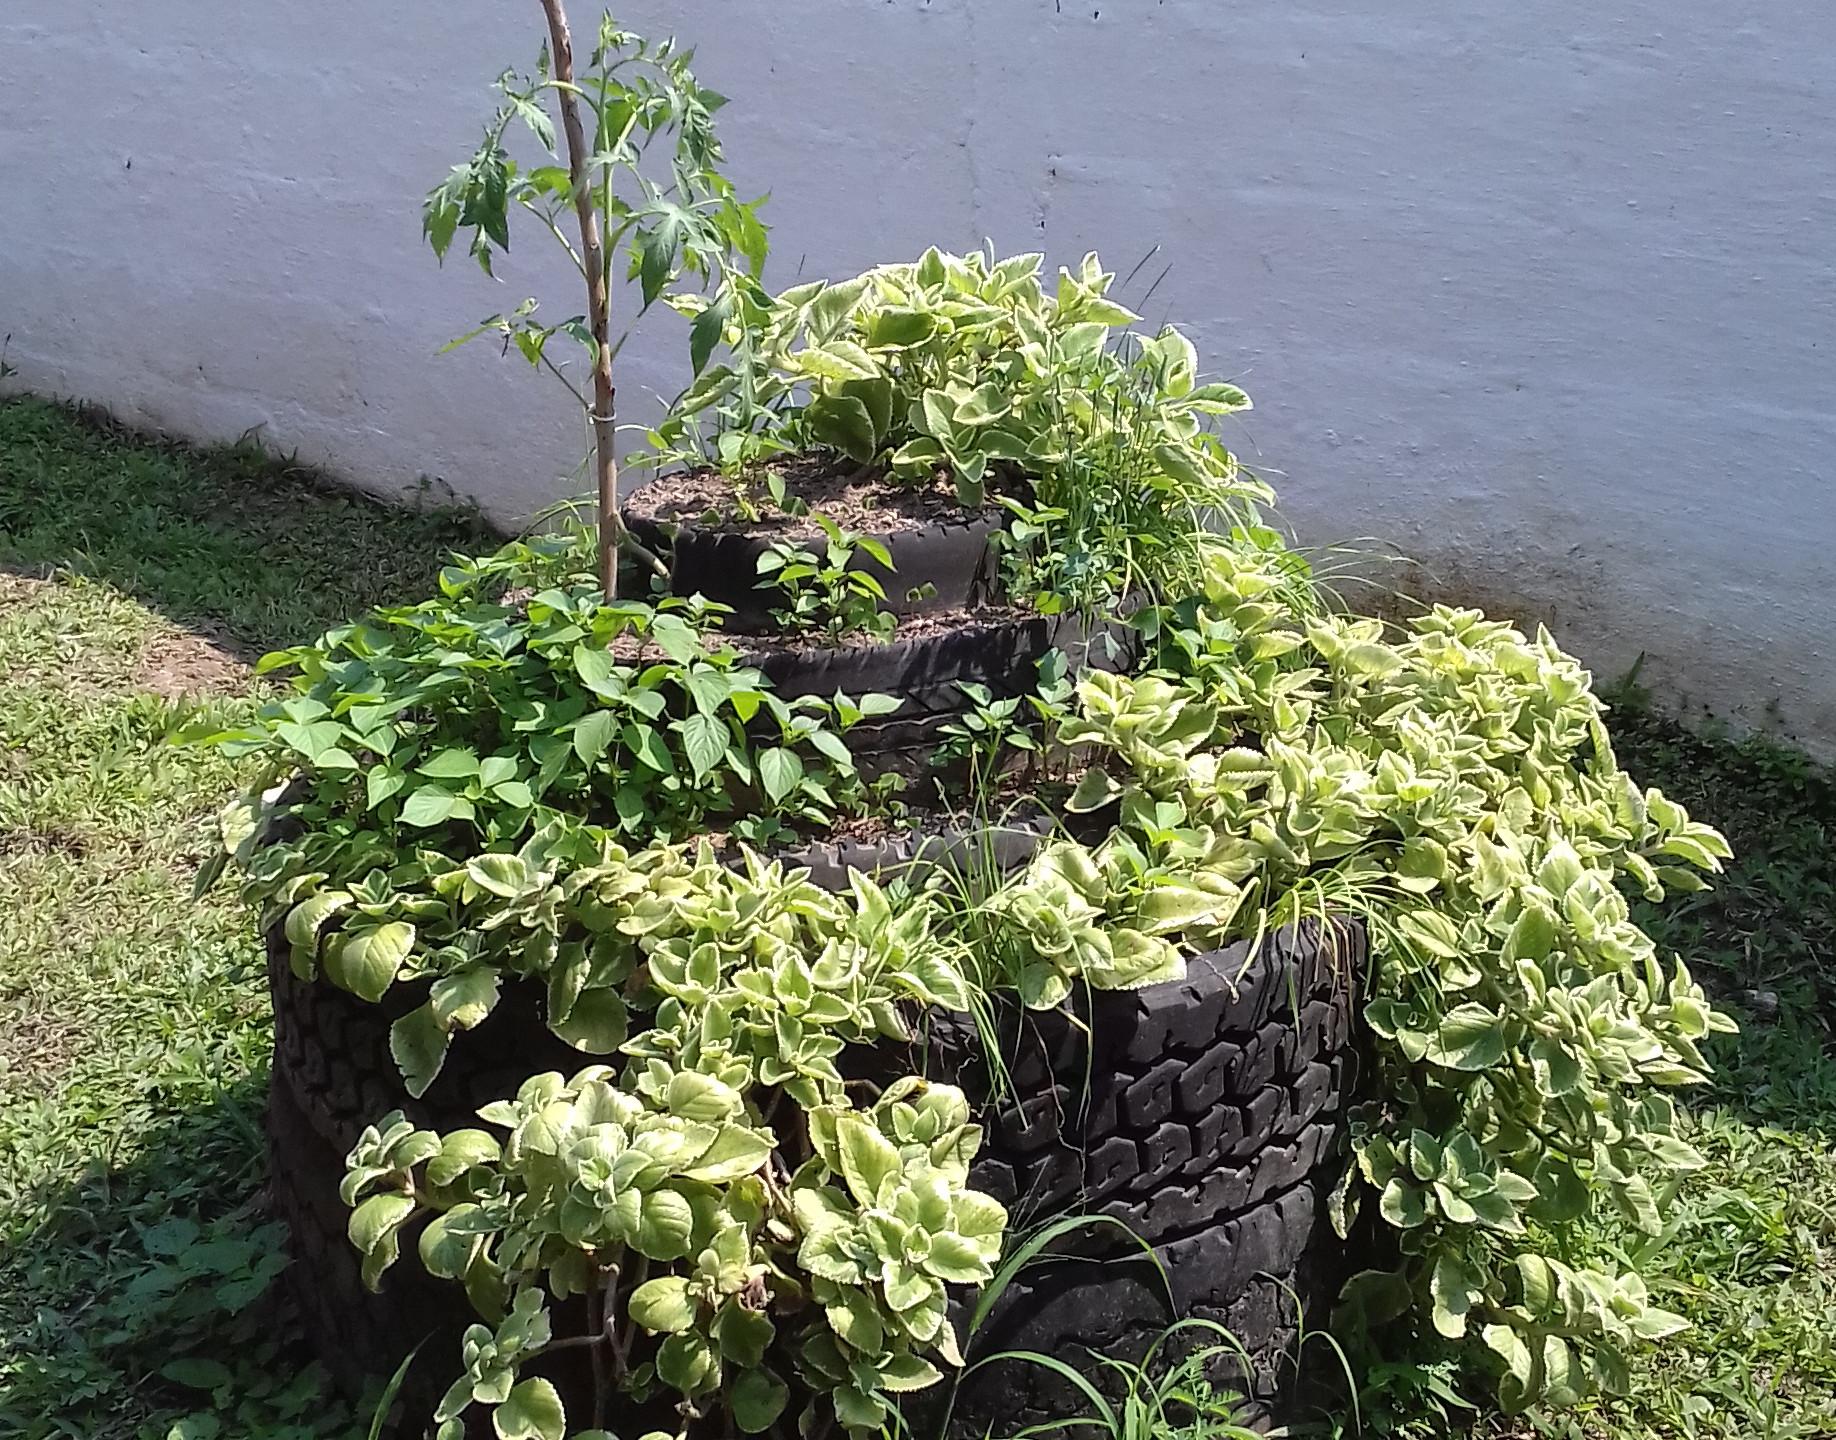 aprovechando espacios para sembrar